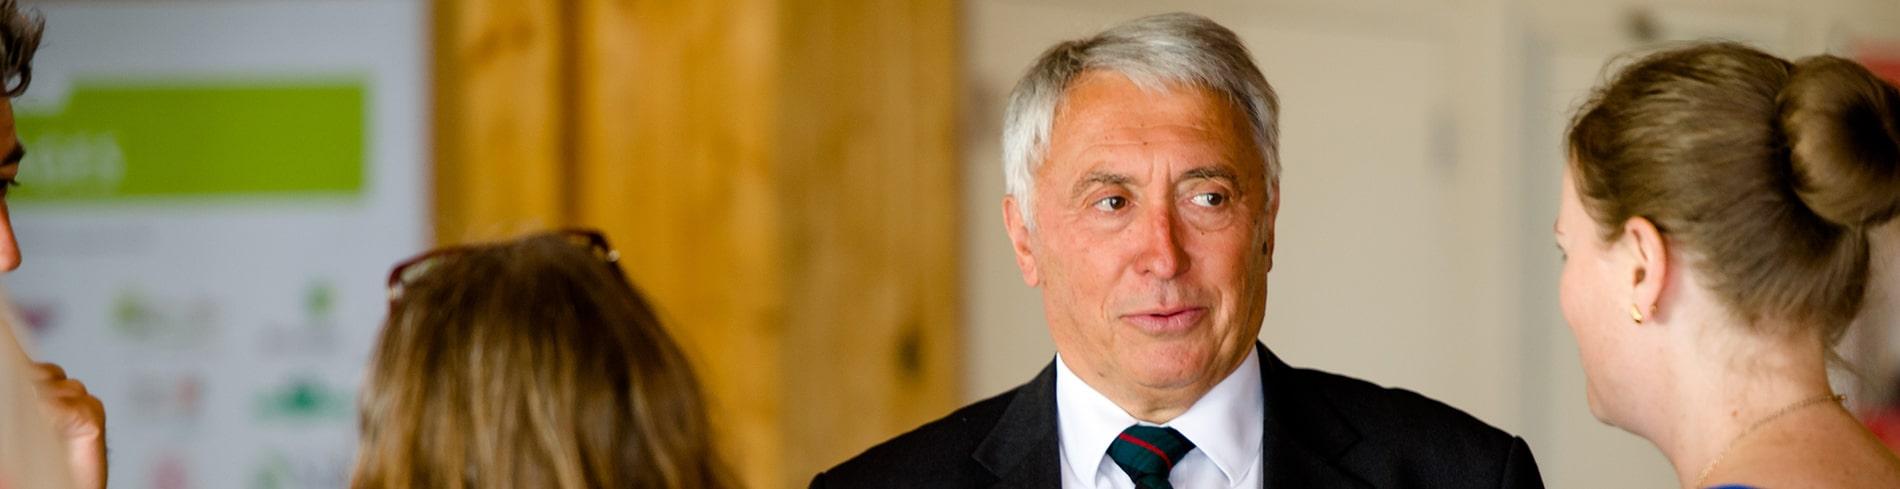 Robert janvrin Président de l'ESB